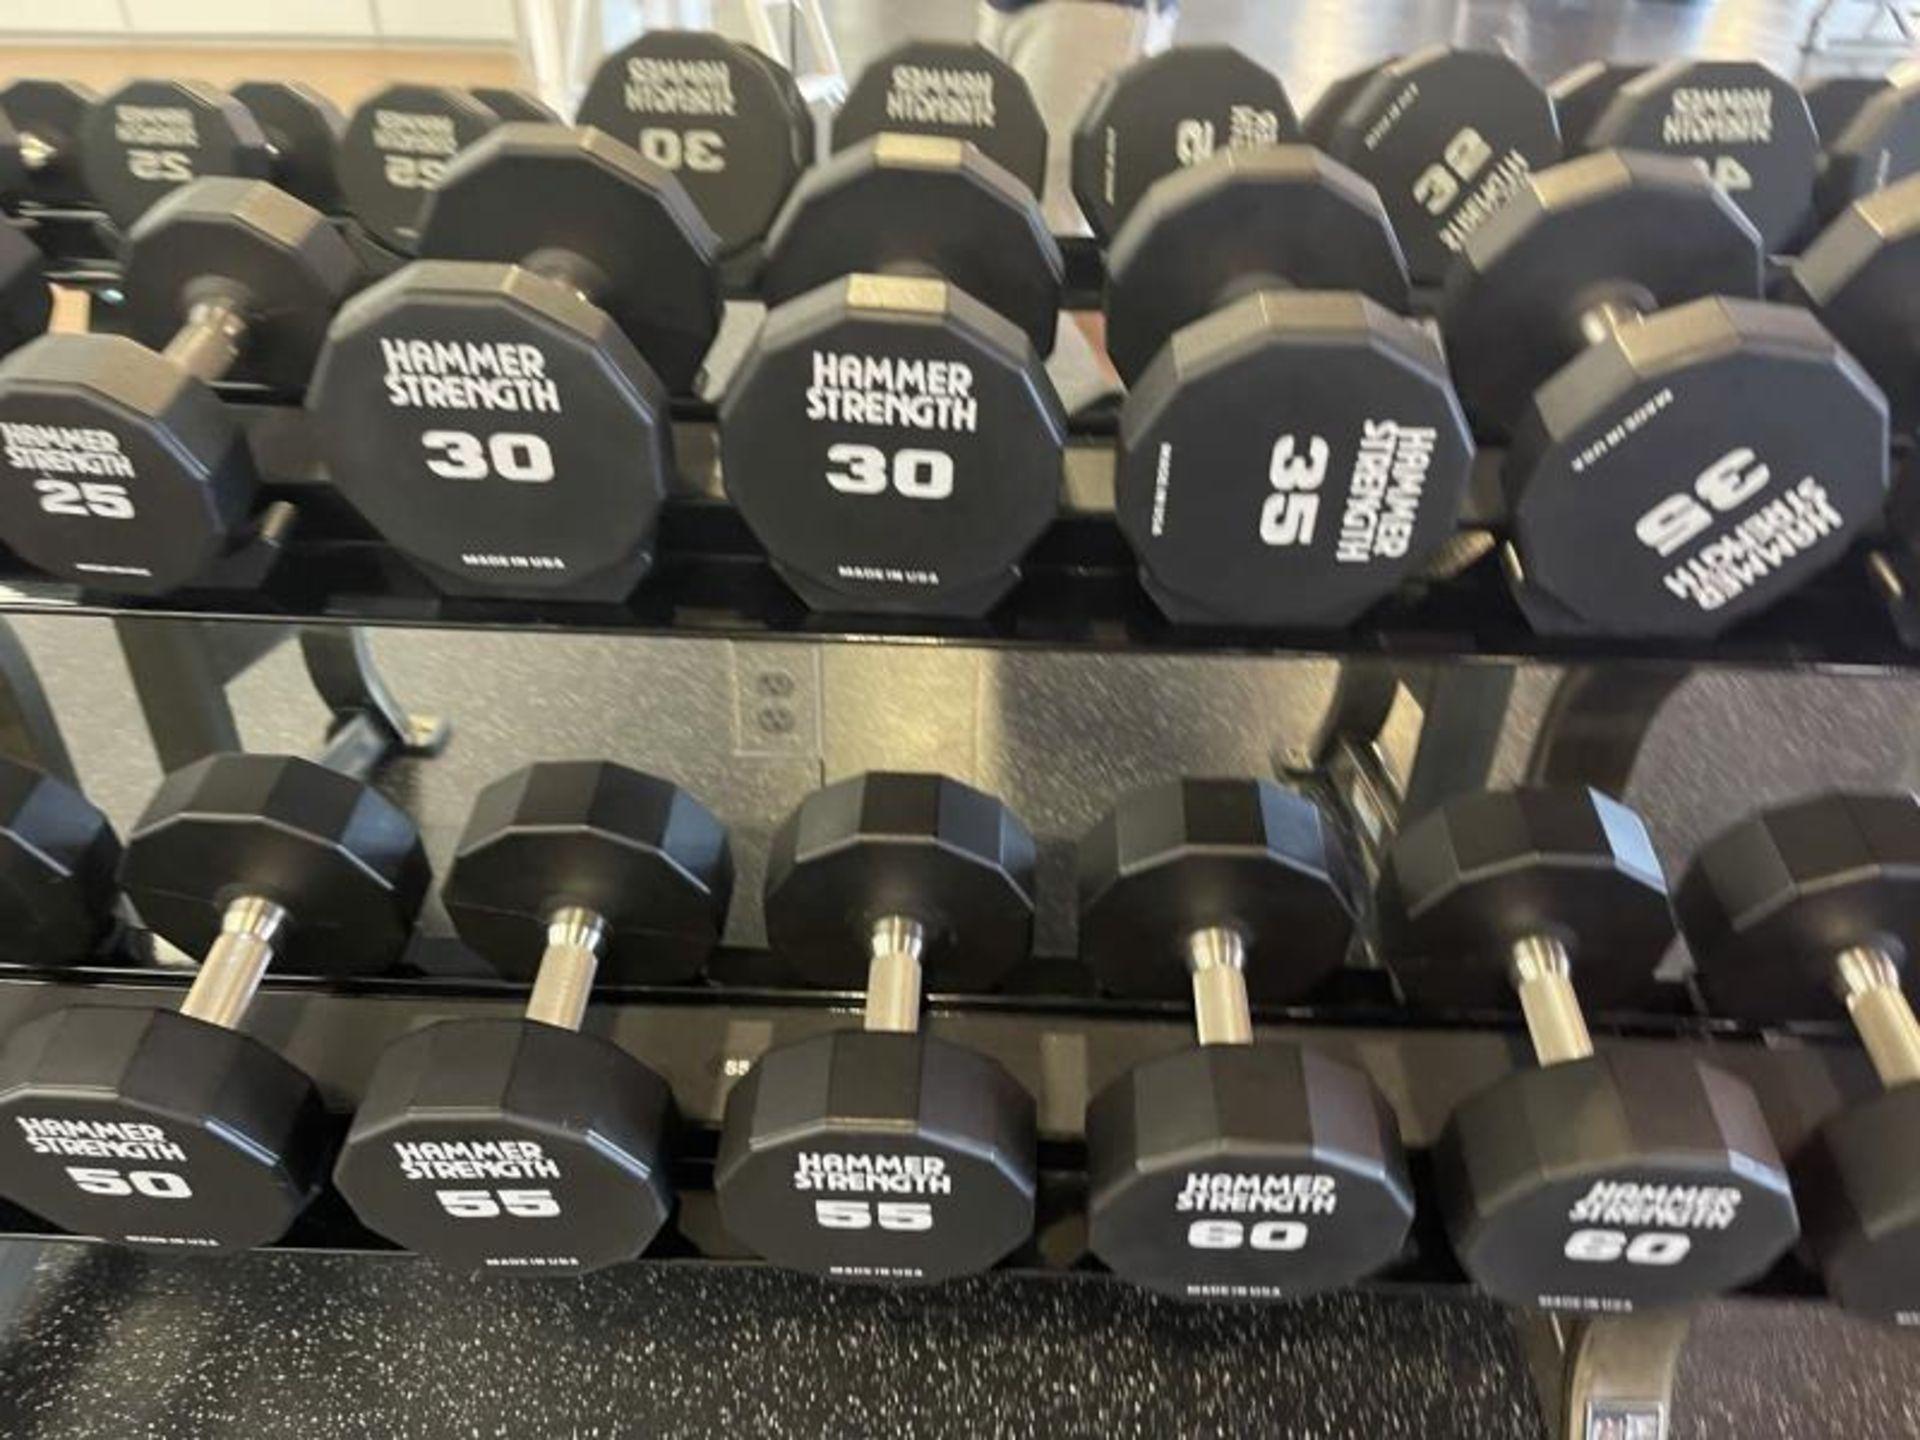 Hammer Strength Dumbbells 20-65# - Image 3 of 6